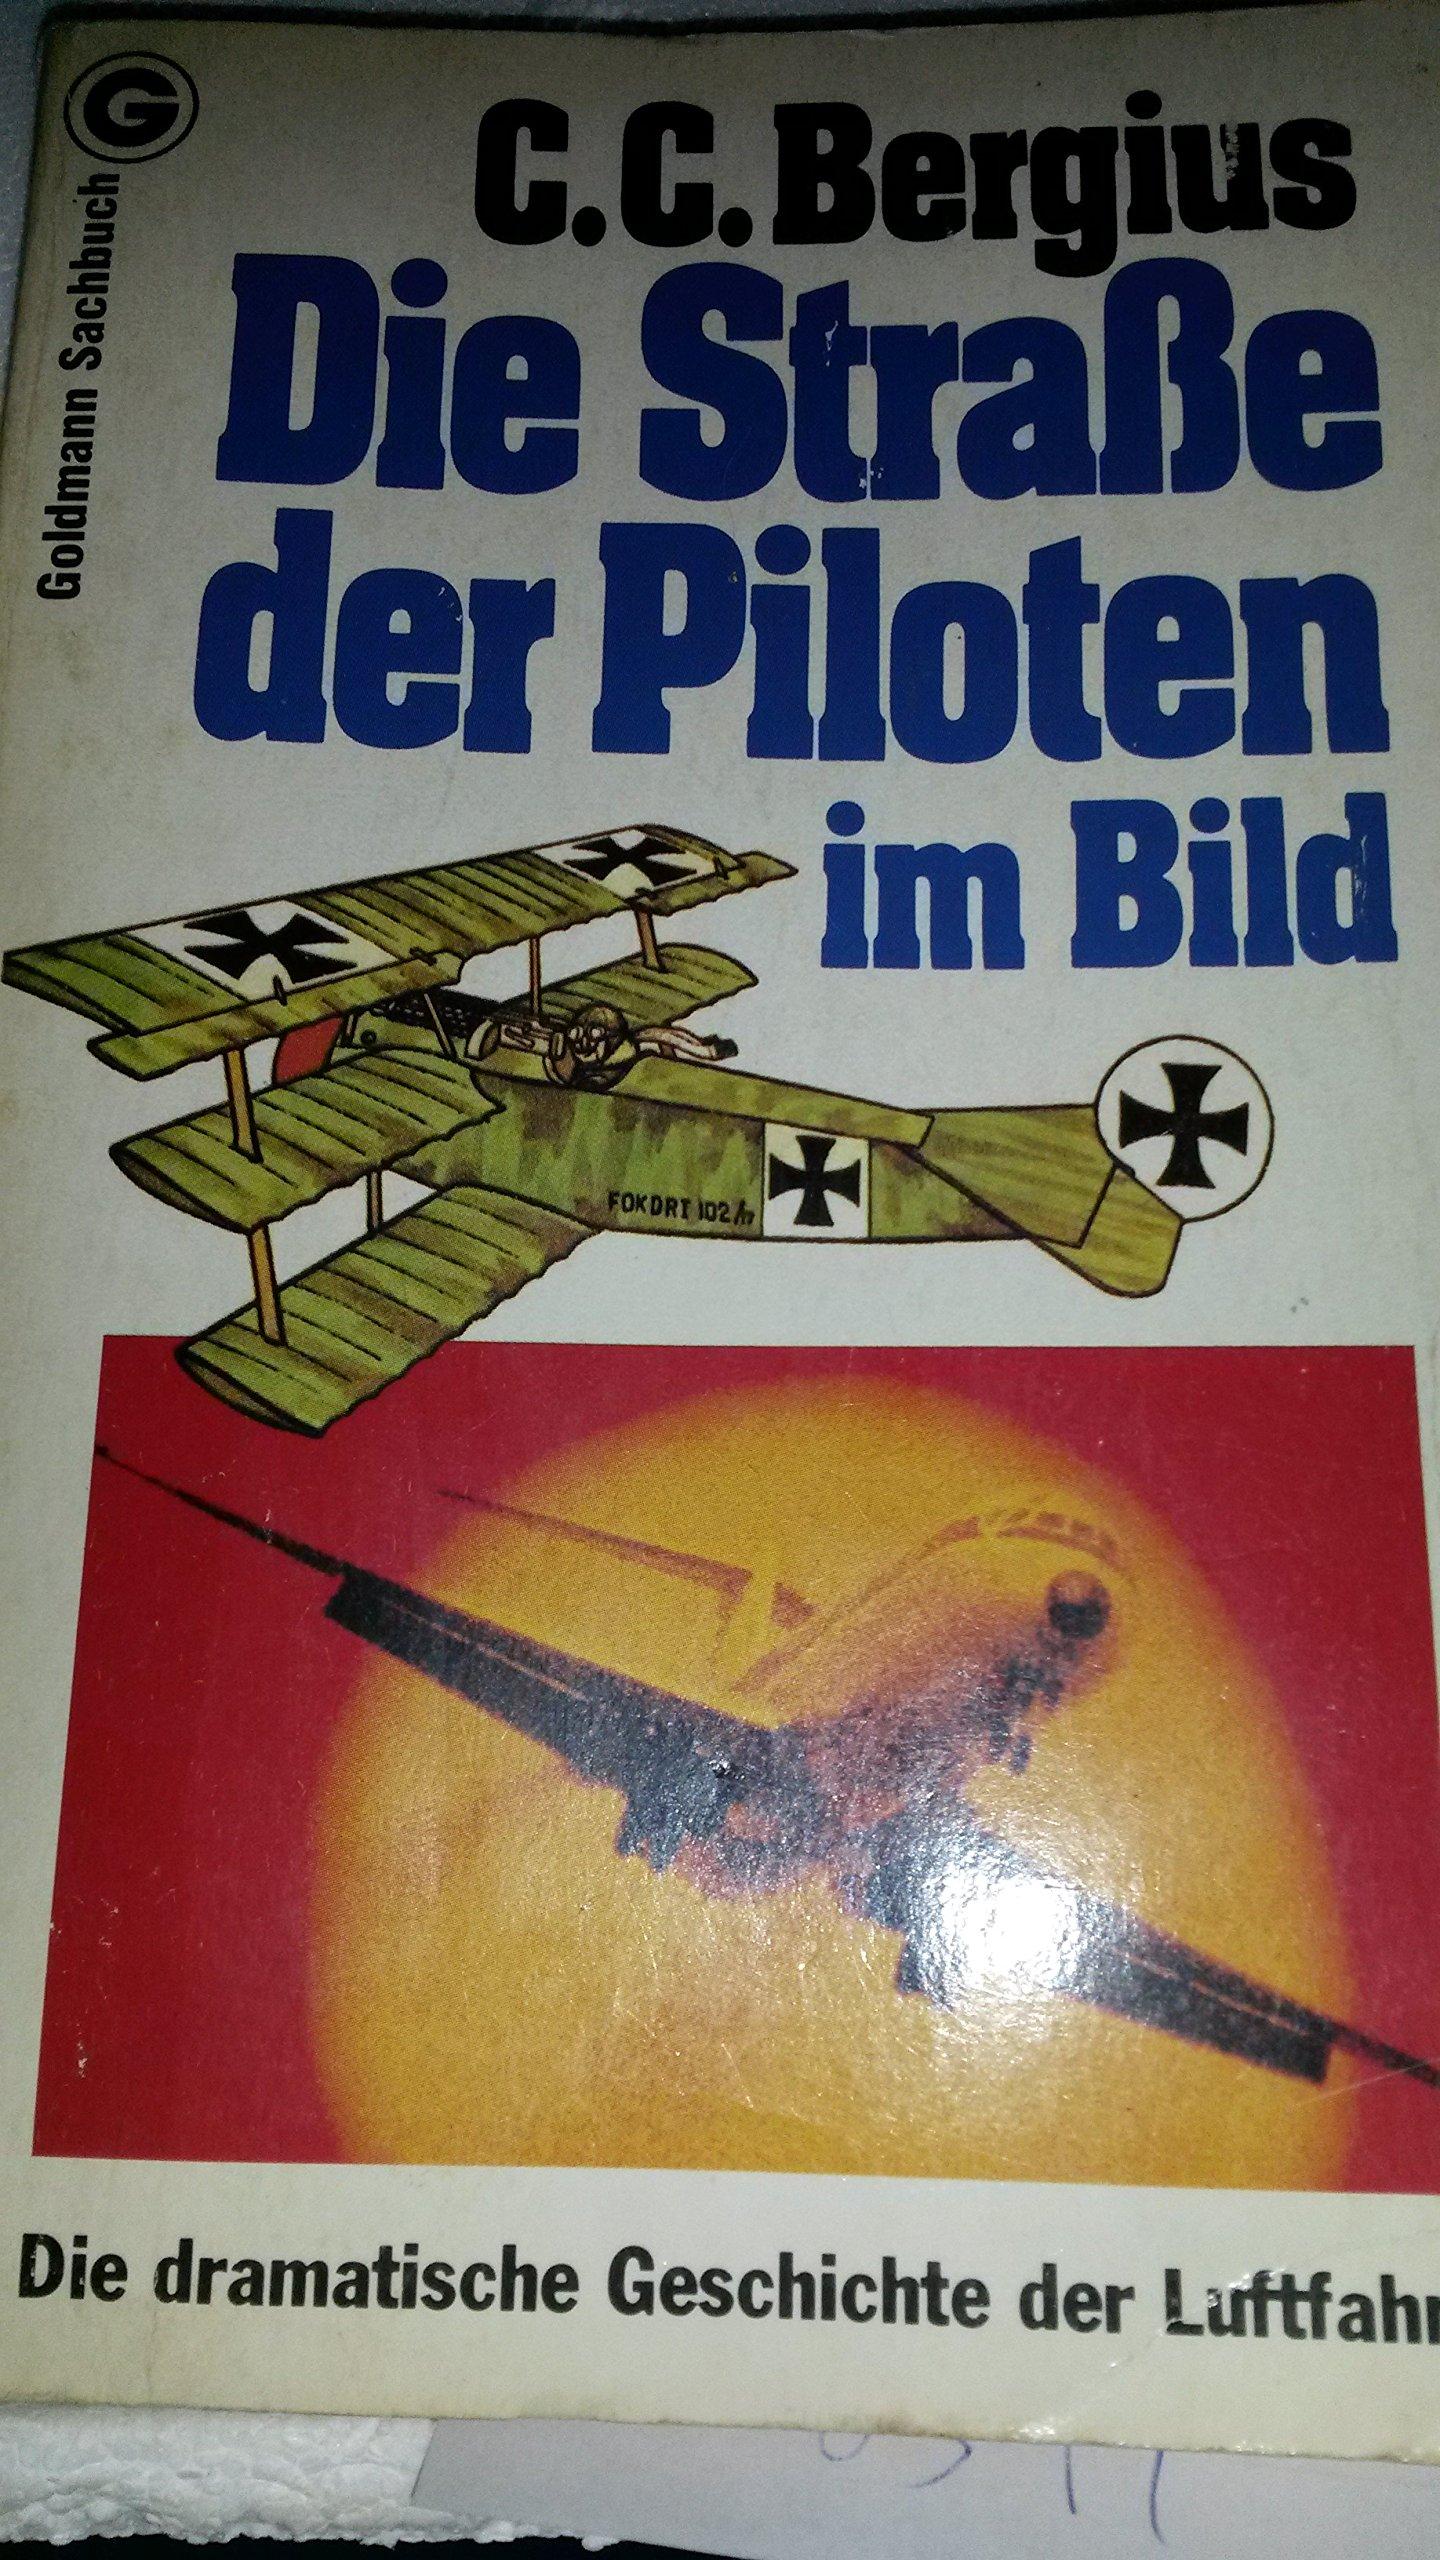 Die Straße der Piloten im Bild. Die dramatische Geschichte der Luftfahrt.